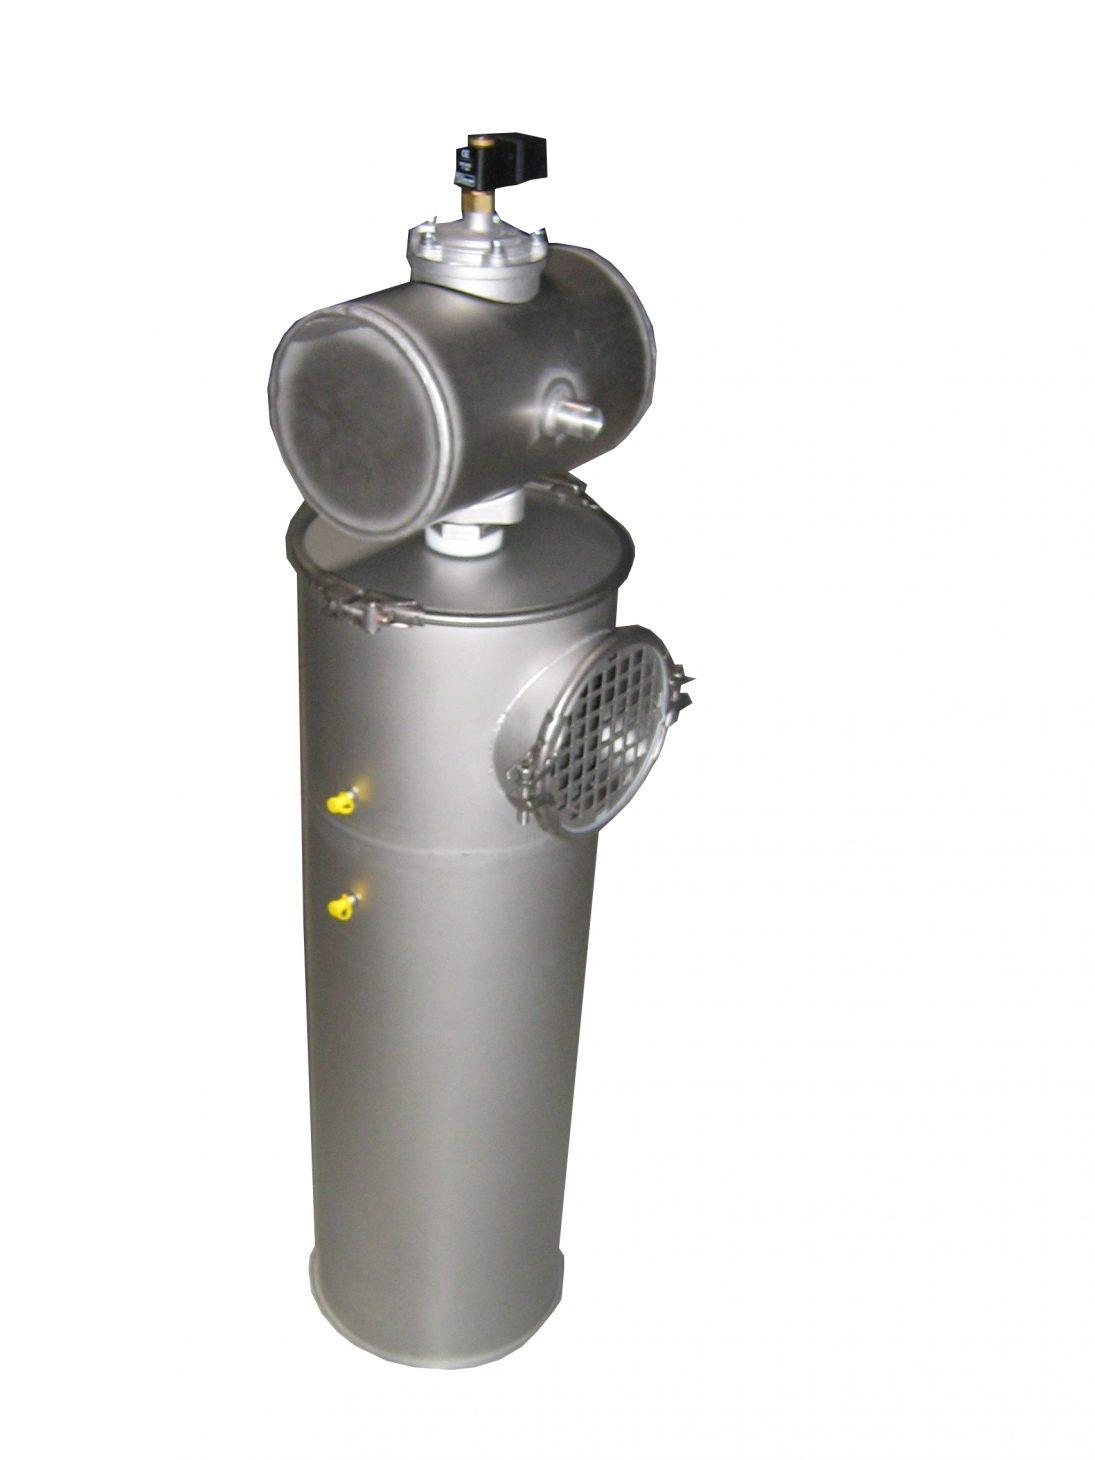 Filtre ACM version en rehausse verticale, (filtre représenté ACM 45/120 -45 m²) Installé sur décompression silo charbon pulvérisé, construction résistante à 4 BARS (chaudière industrielle)